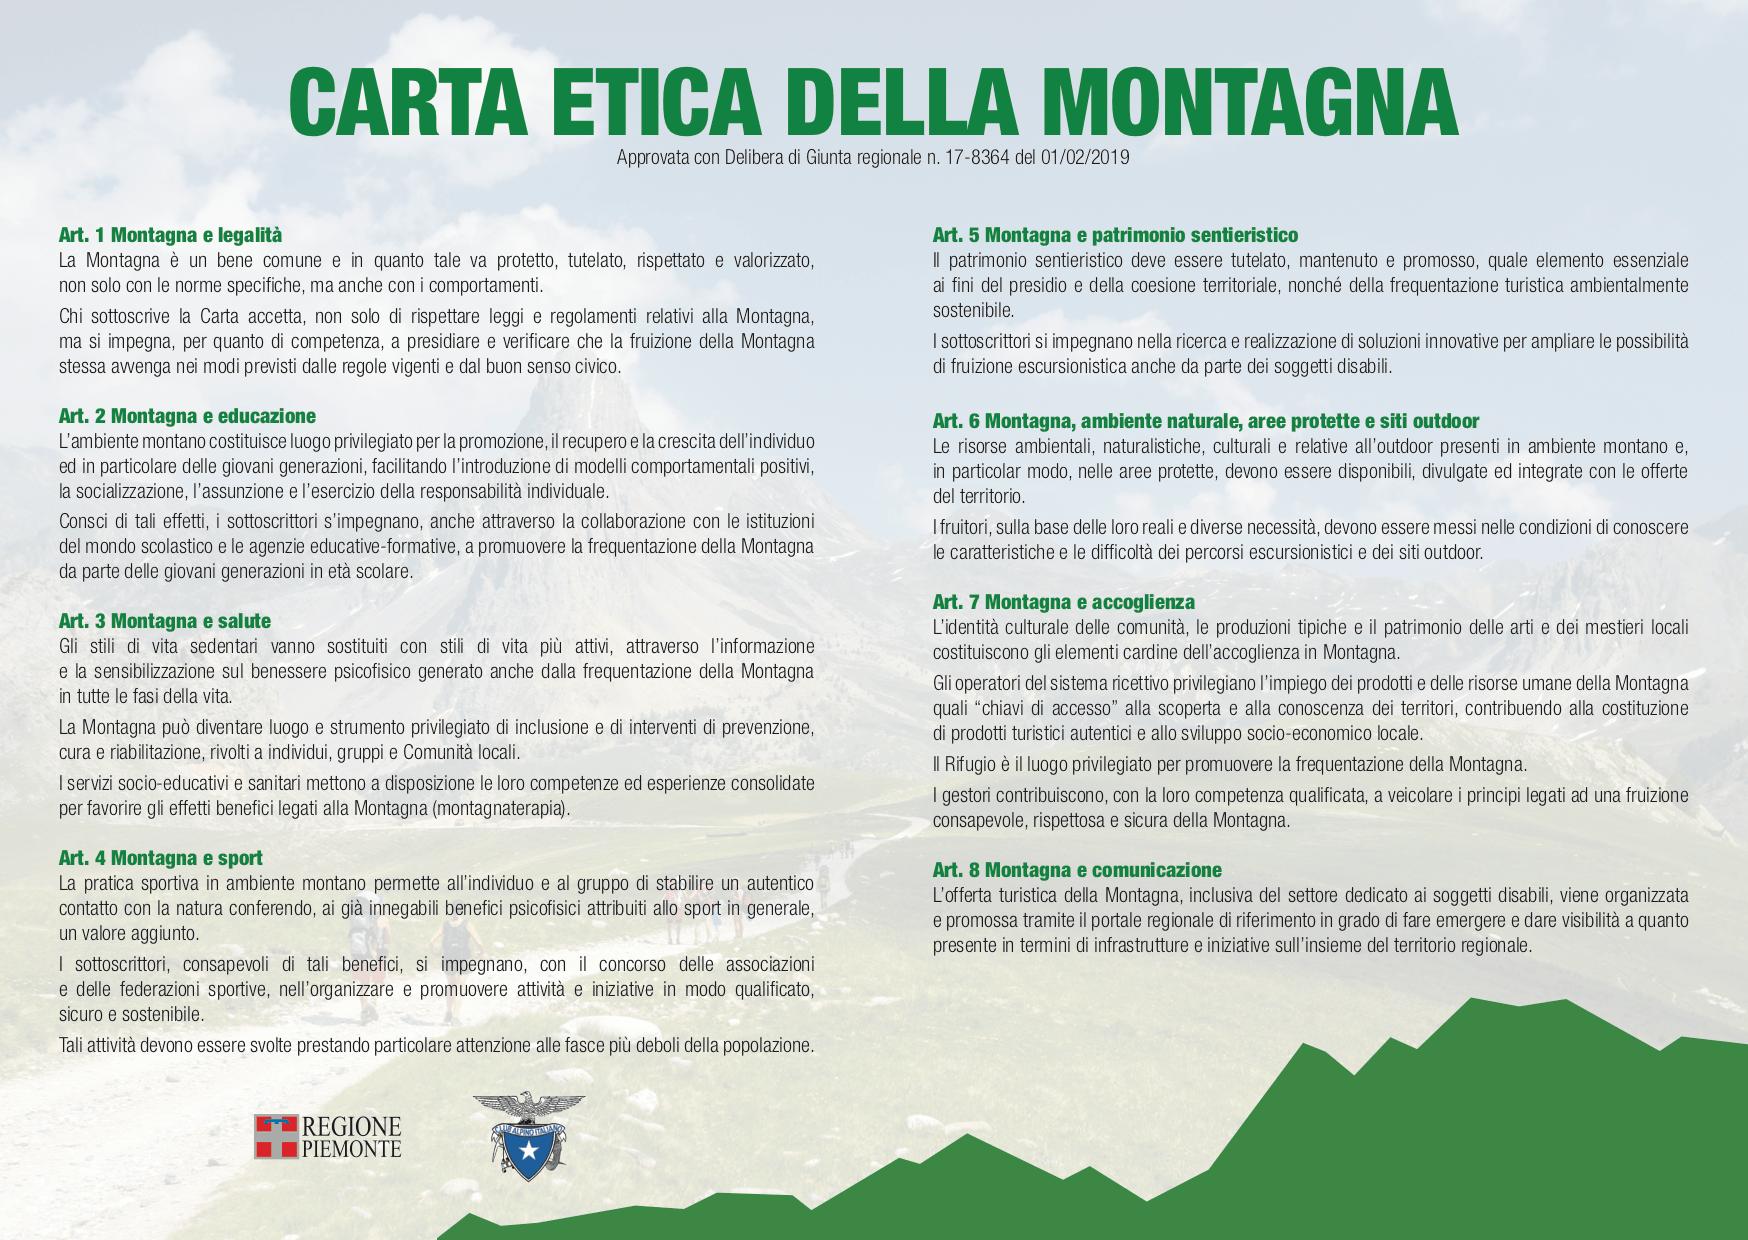 La Carta Etica della Montagna approvata dalla giunta Regionale del Piemonte il 1 febbraio 2019